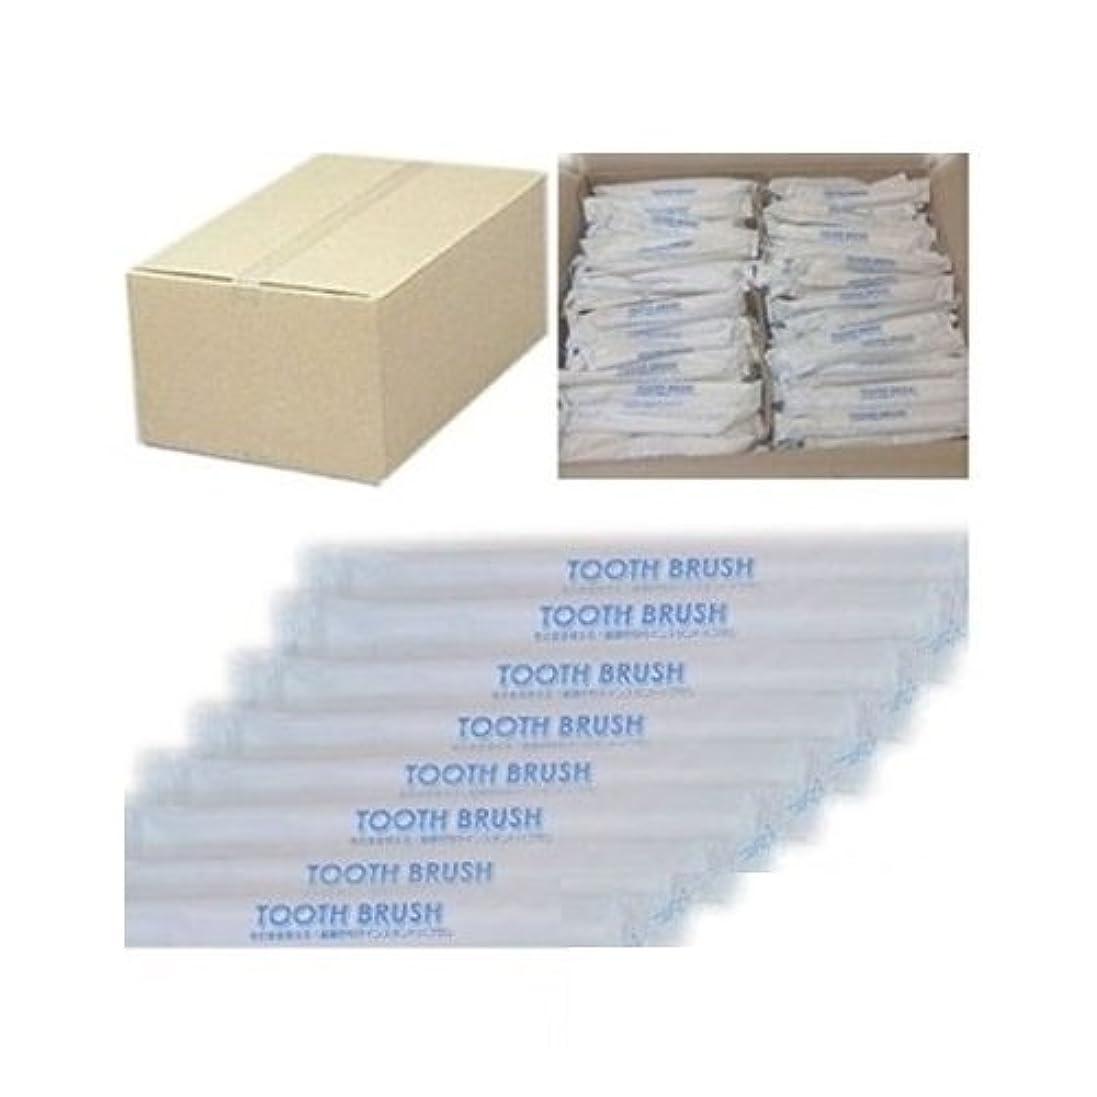 マント日常的に公業務用 使い捨て(インスタント) 粉付き歯ブラシ(100本組)